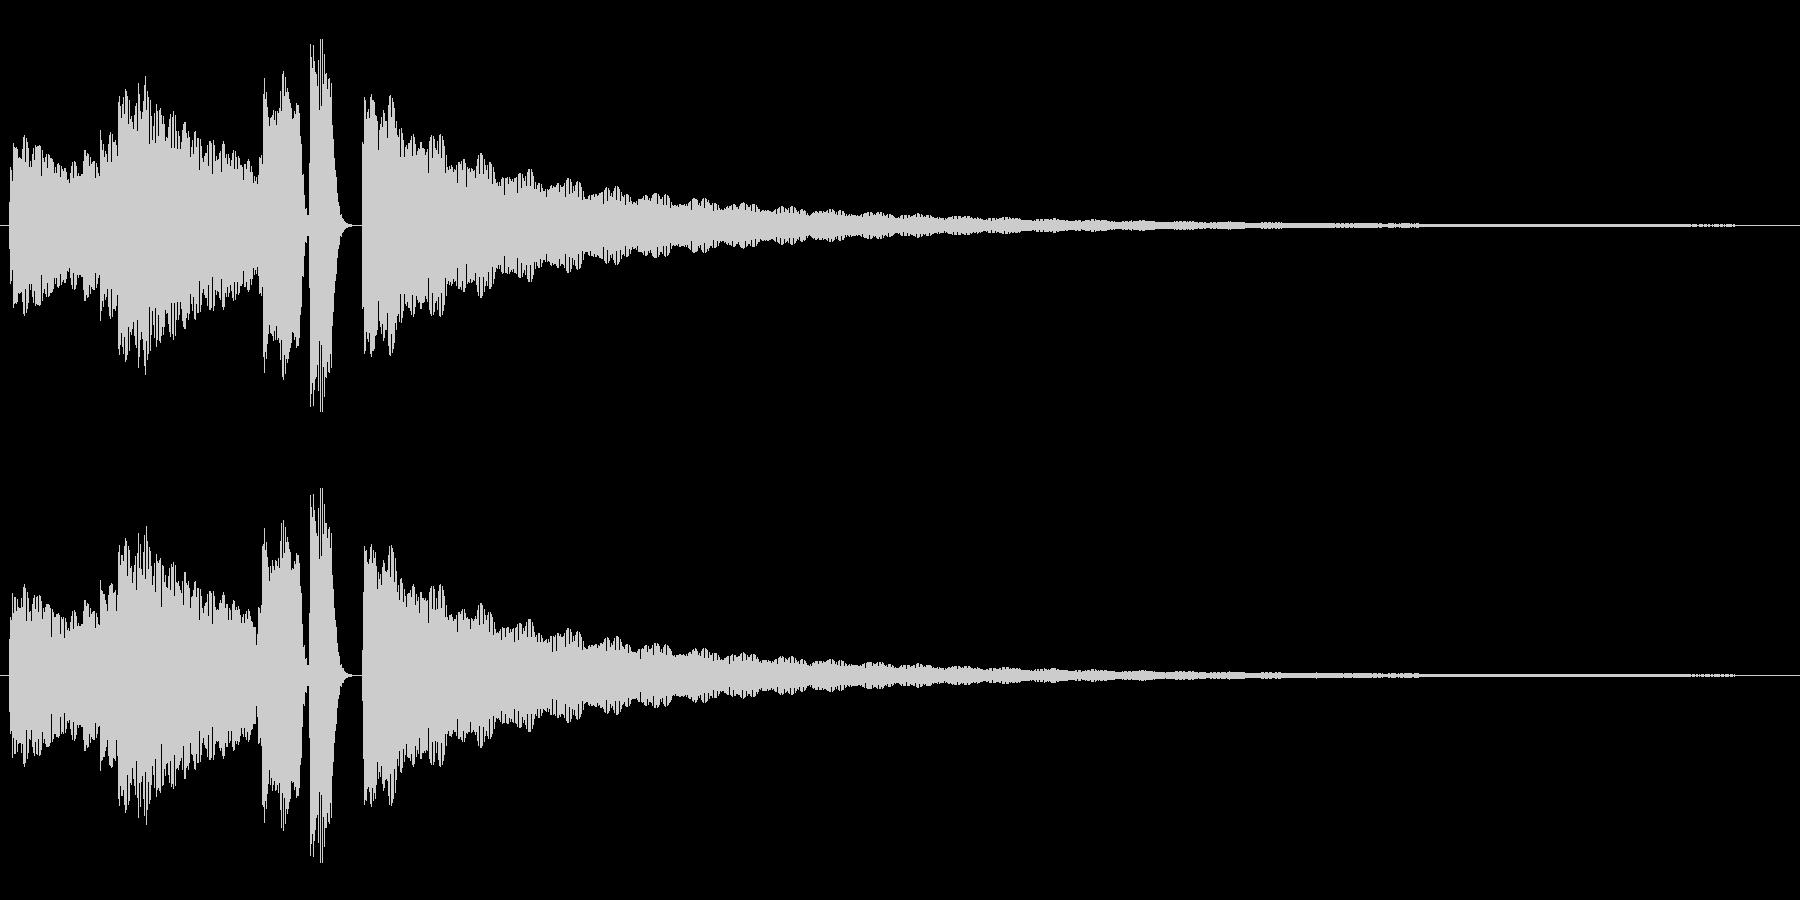 エレピによるジングル サウンドロゴの未再生の波形